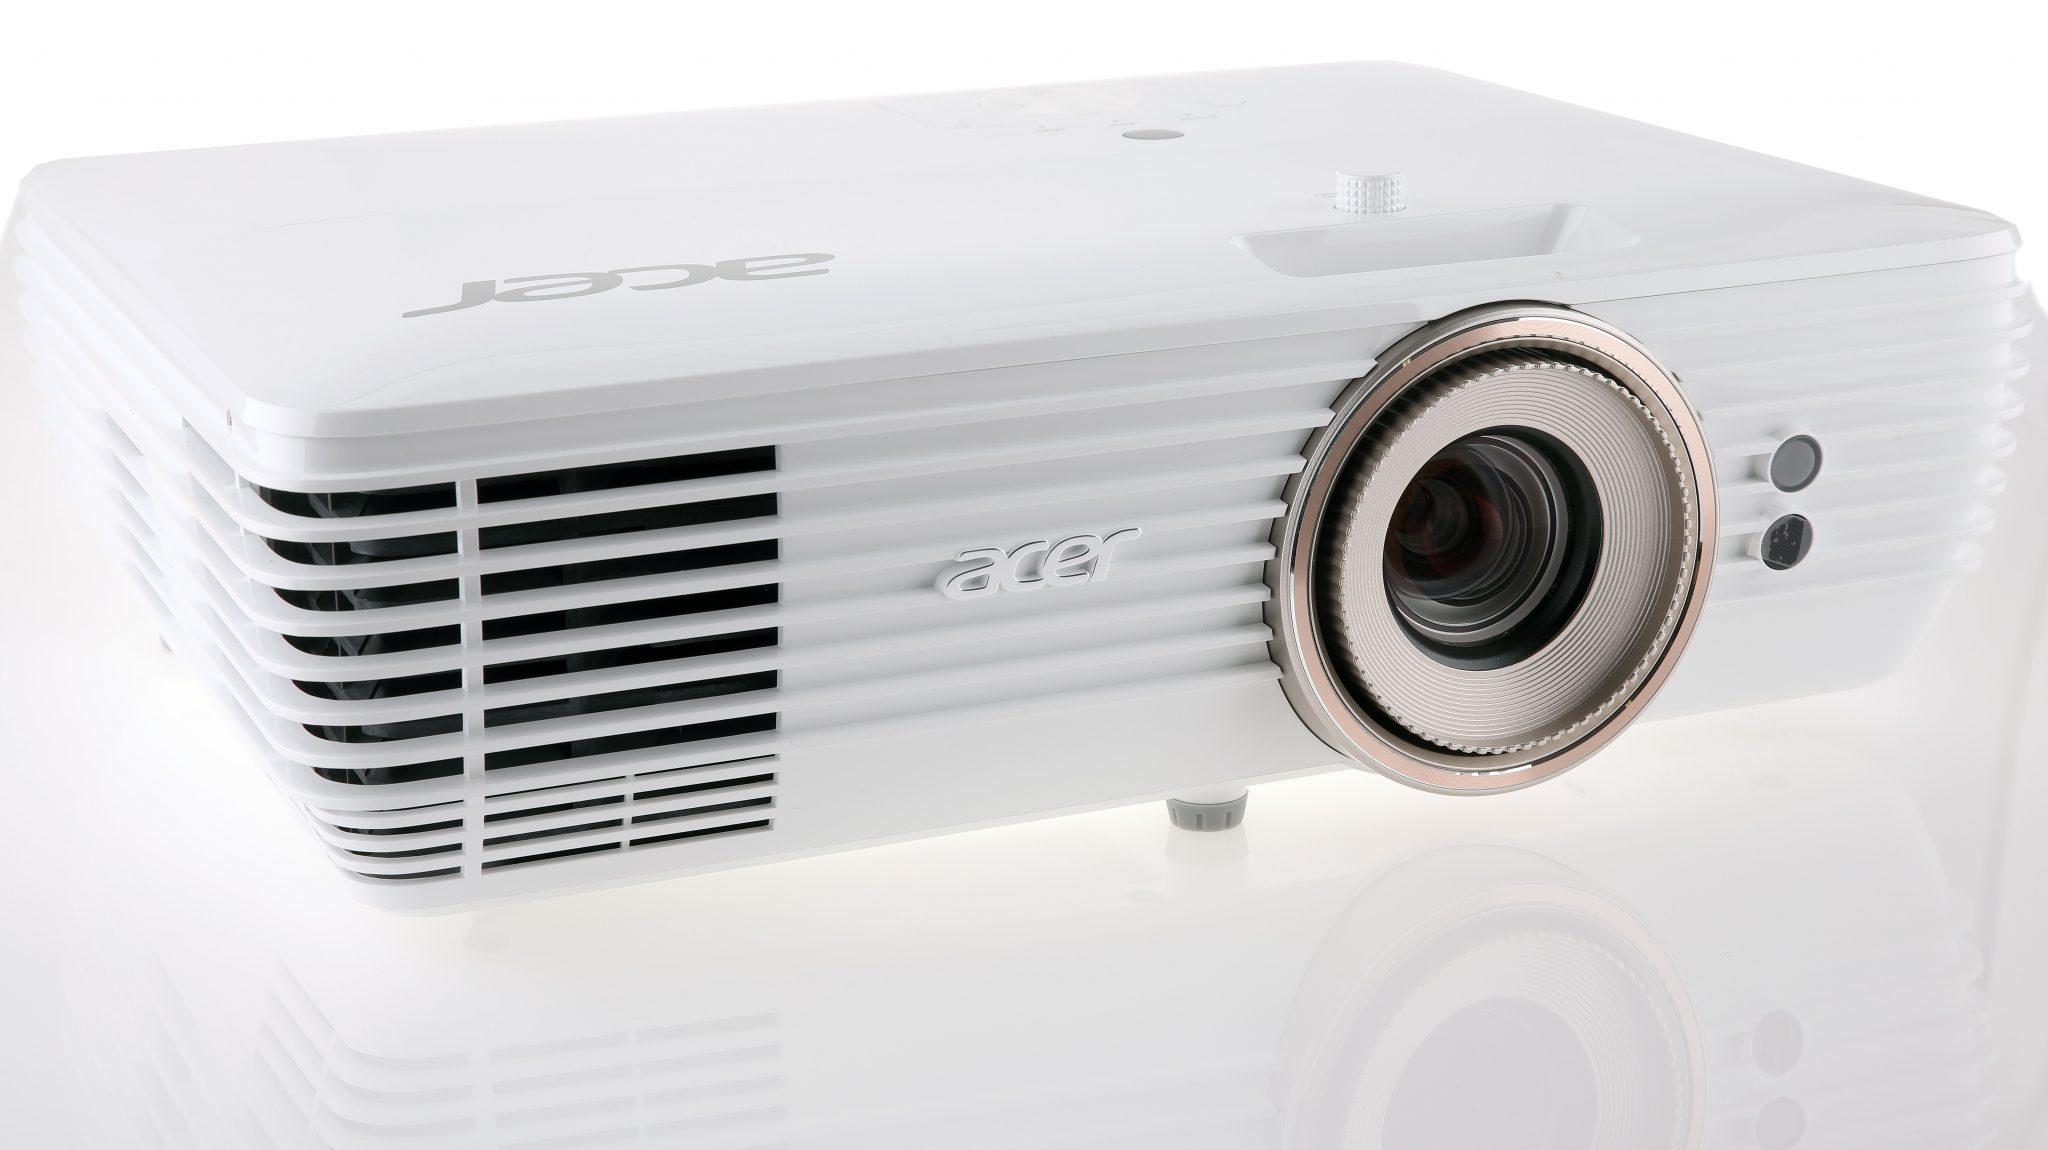 Lækker Imponerande UHD-projektor till överkomligt pris – Acer V7850 QN-31